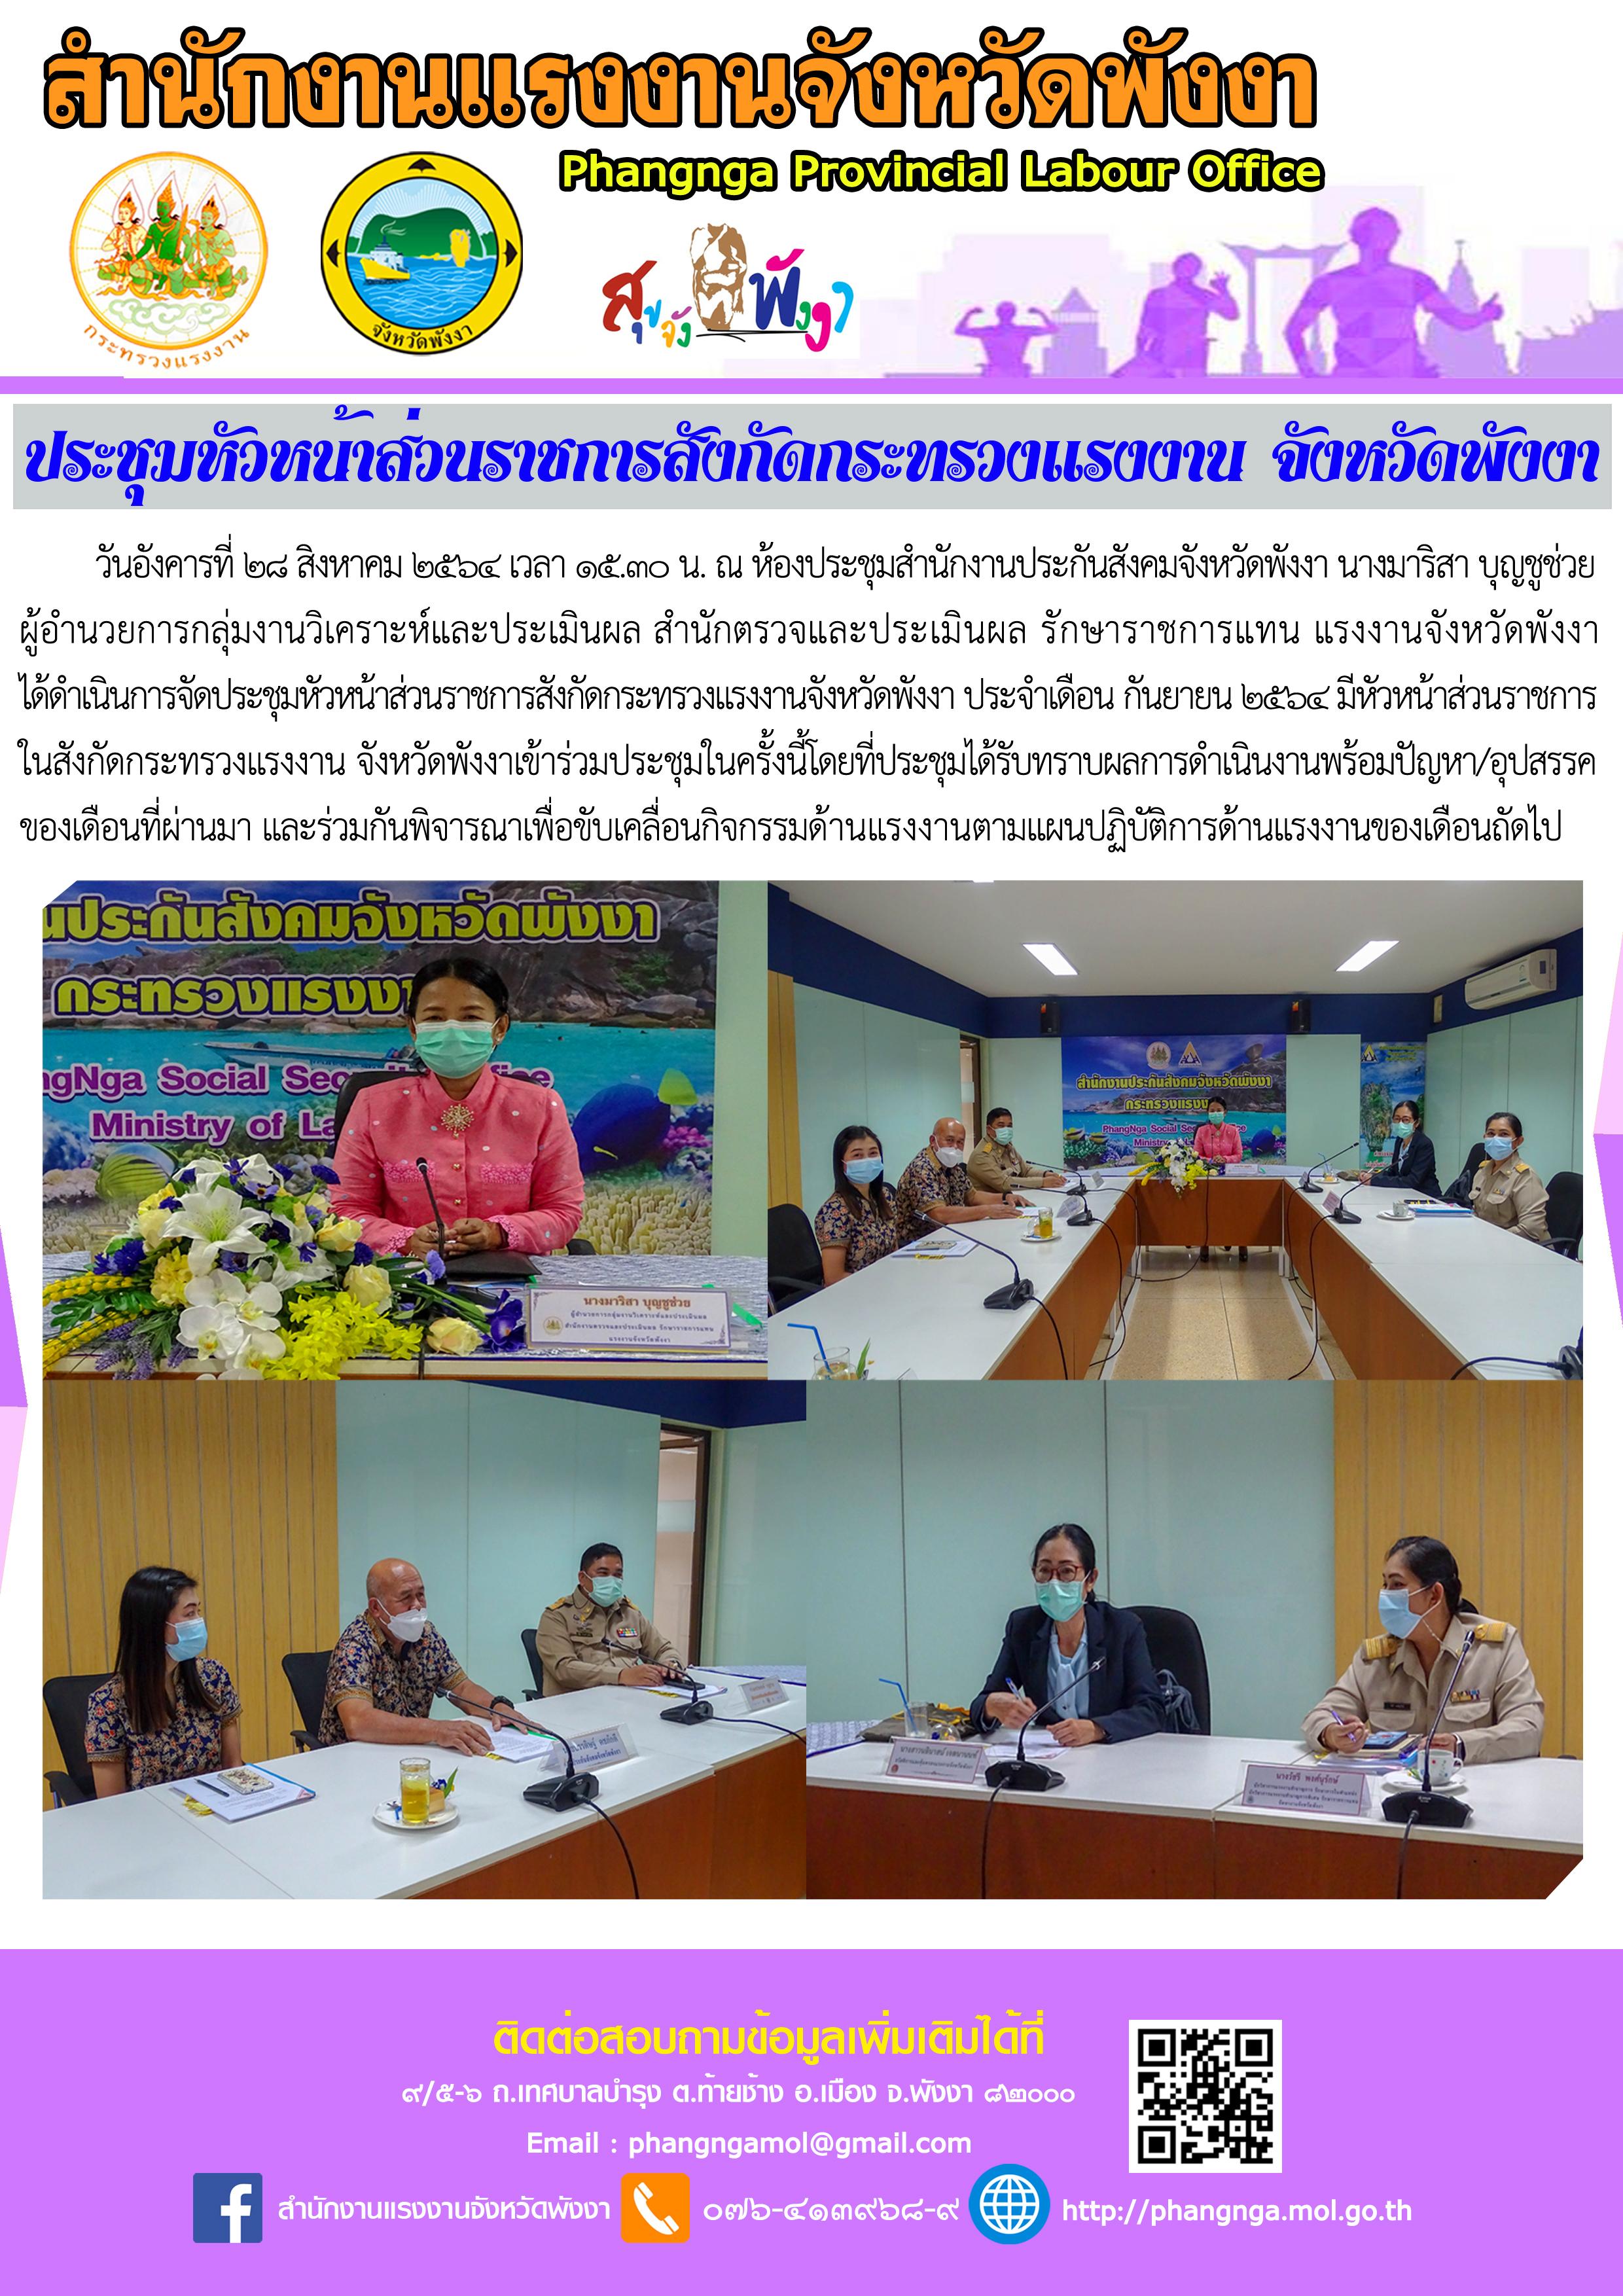 ประชุมหัวหน้าส่วนราชการสังกัดกระทรวงแรงงานประจำเดือนกันยายน จังหวัดพังงา